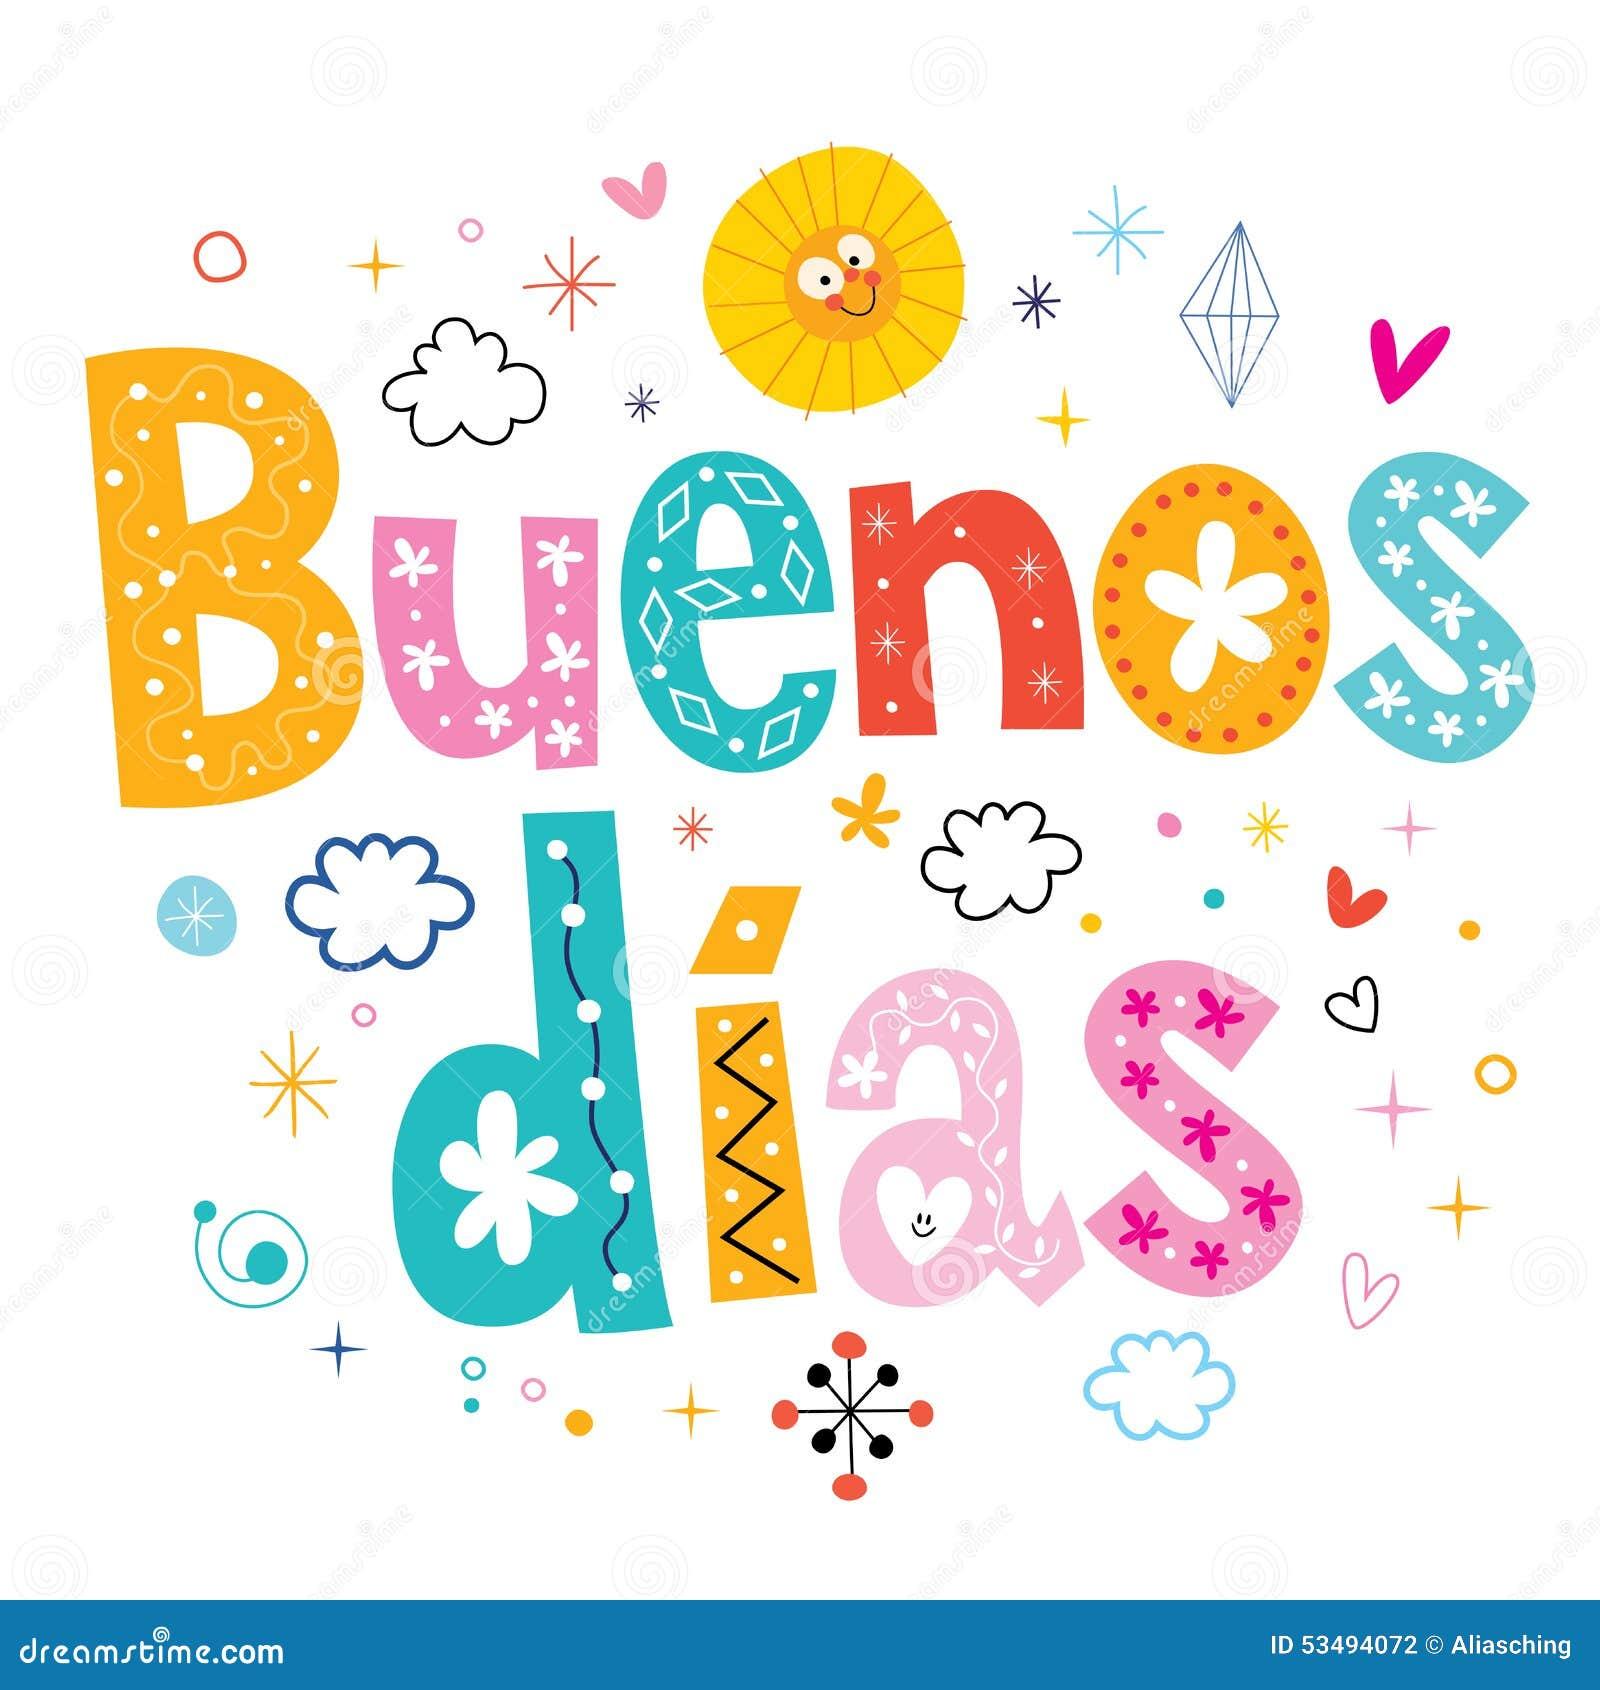 Bom Dia Do Bom Dia Dos Dias De Buenos No Espanhol Ilustração